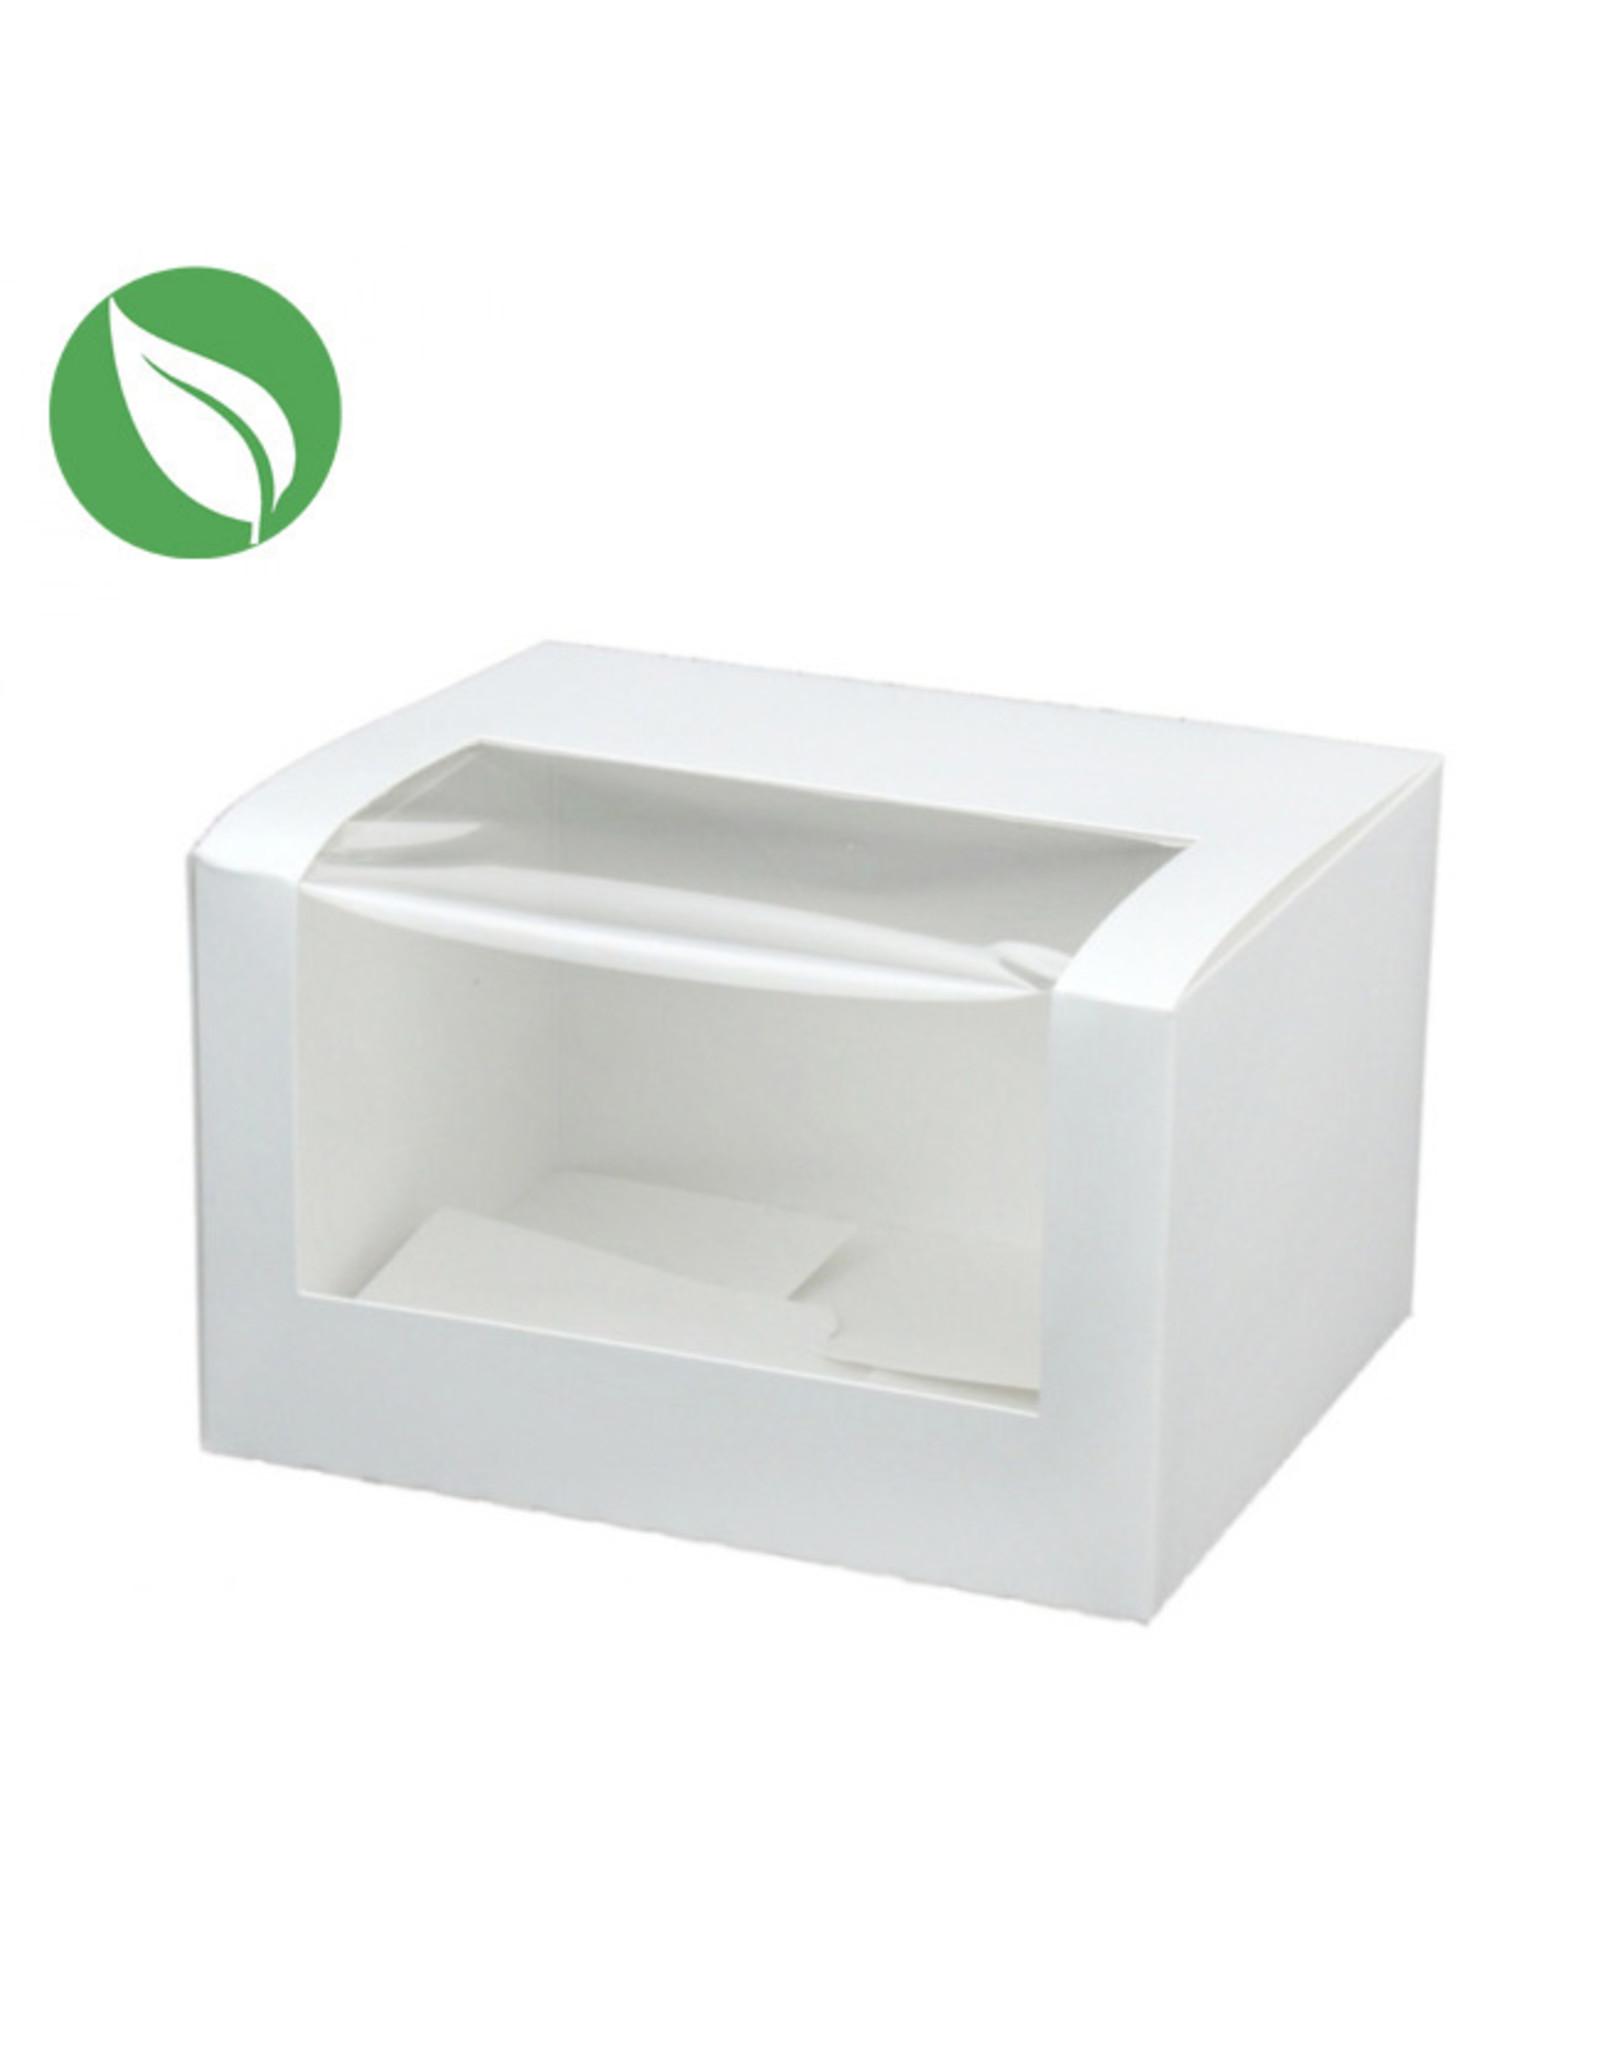 Biodegradable box - 13 x 11 x 8 cm (per 400 pieces)